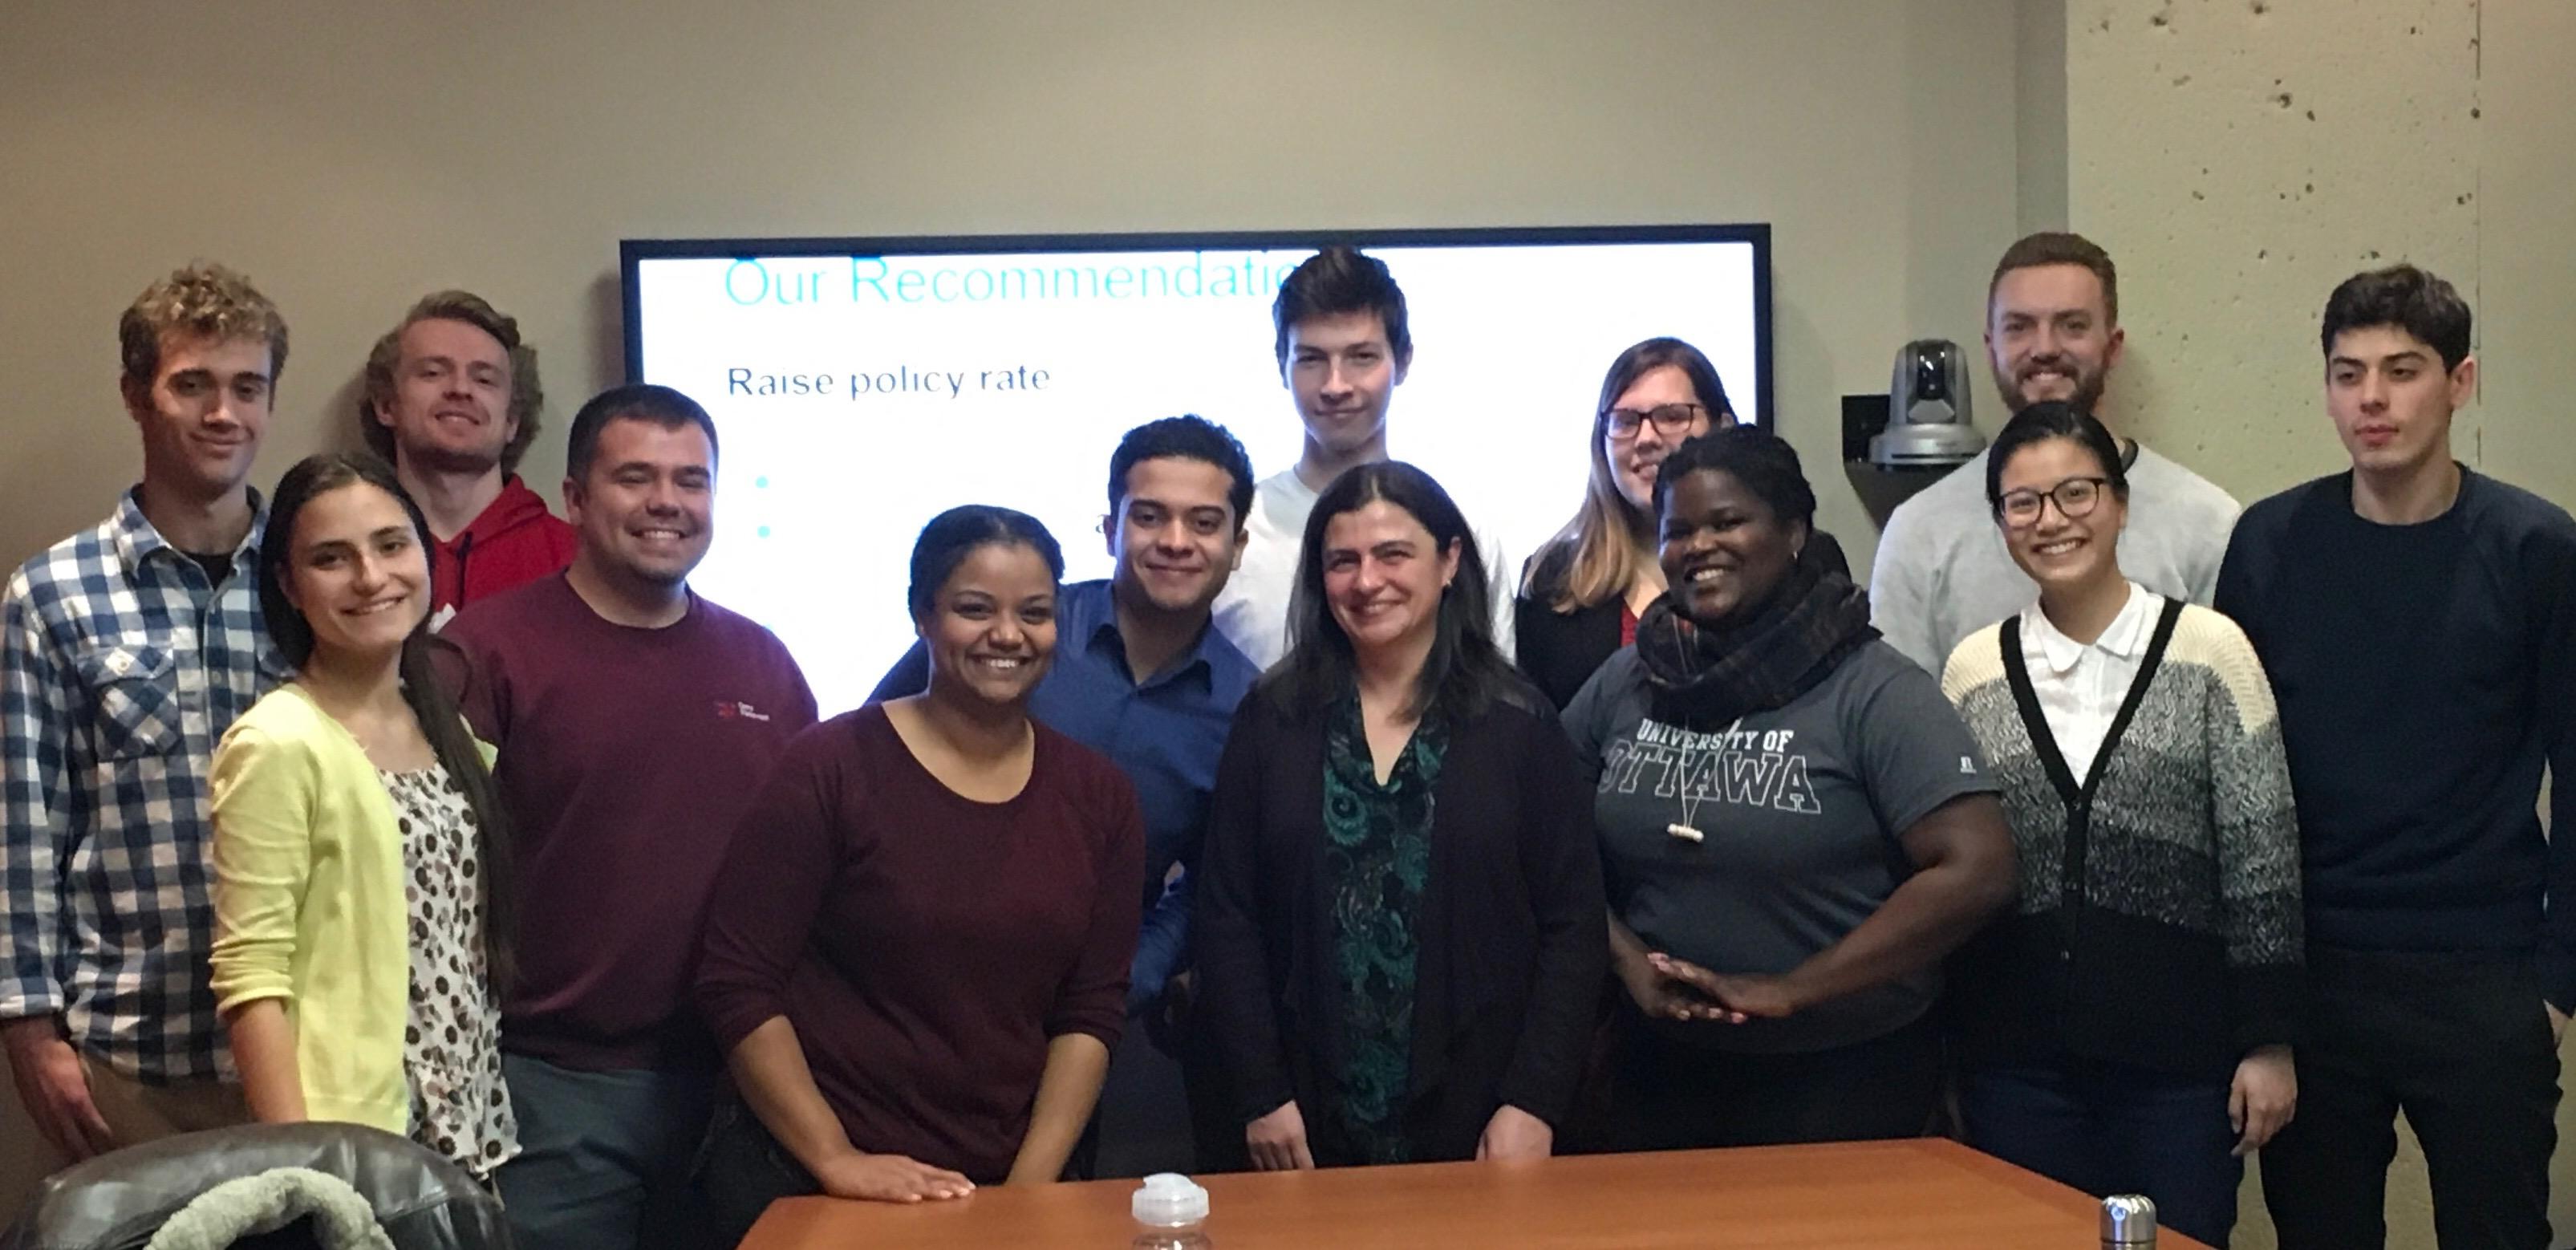 photo de groupe d'étudiants au défi du gouverneur 2018-2019